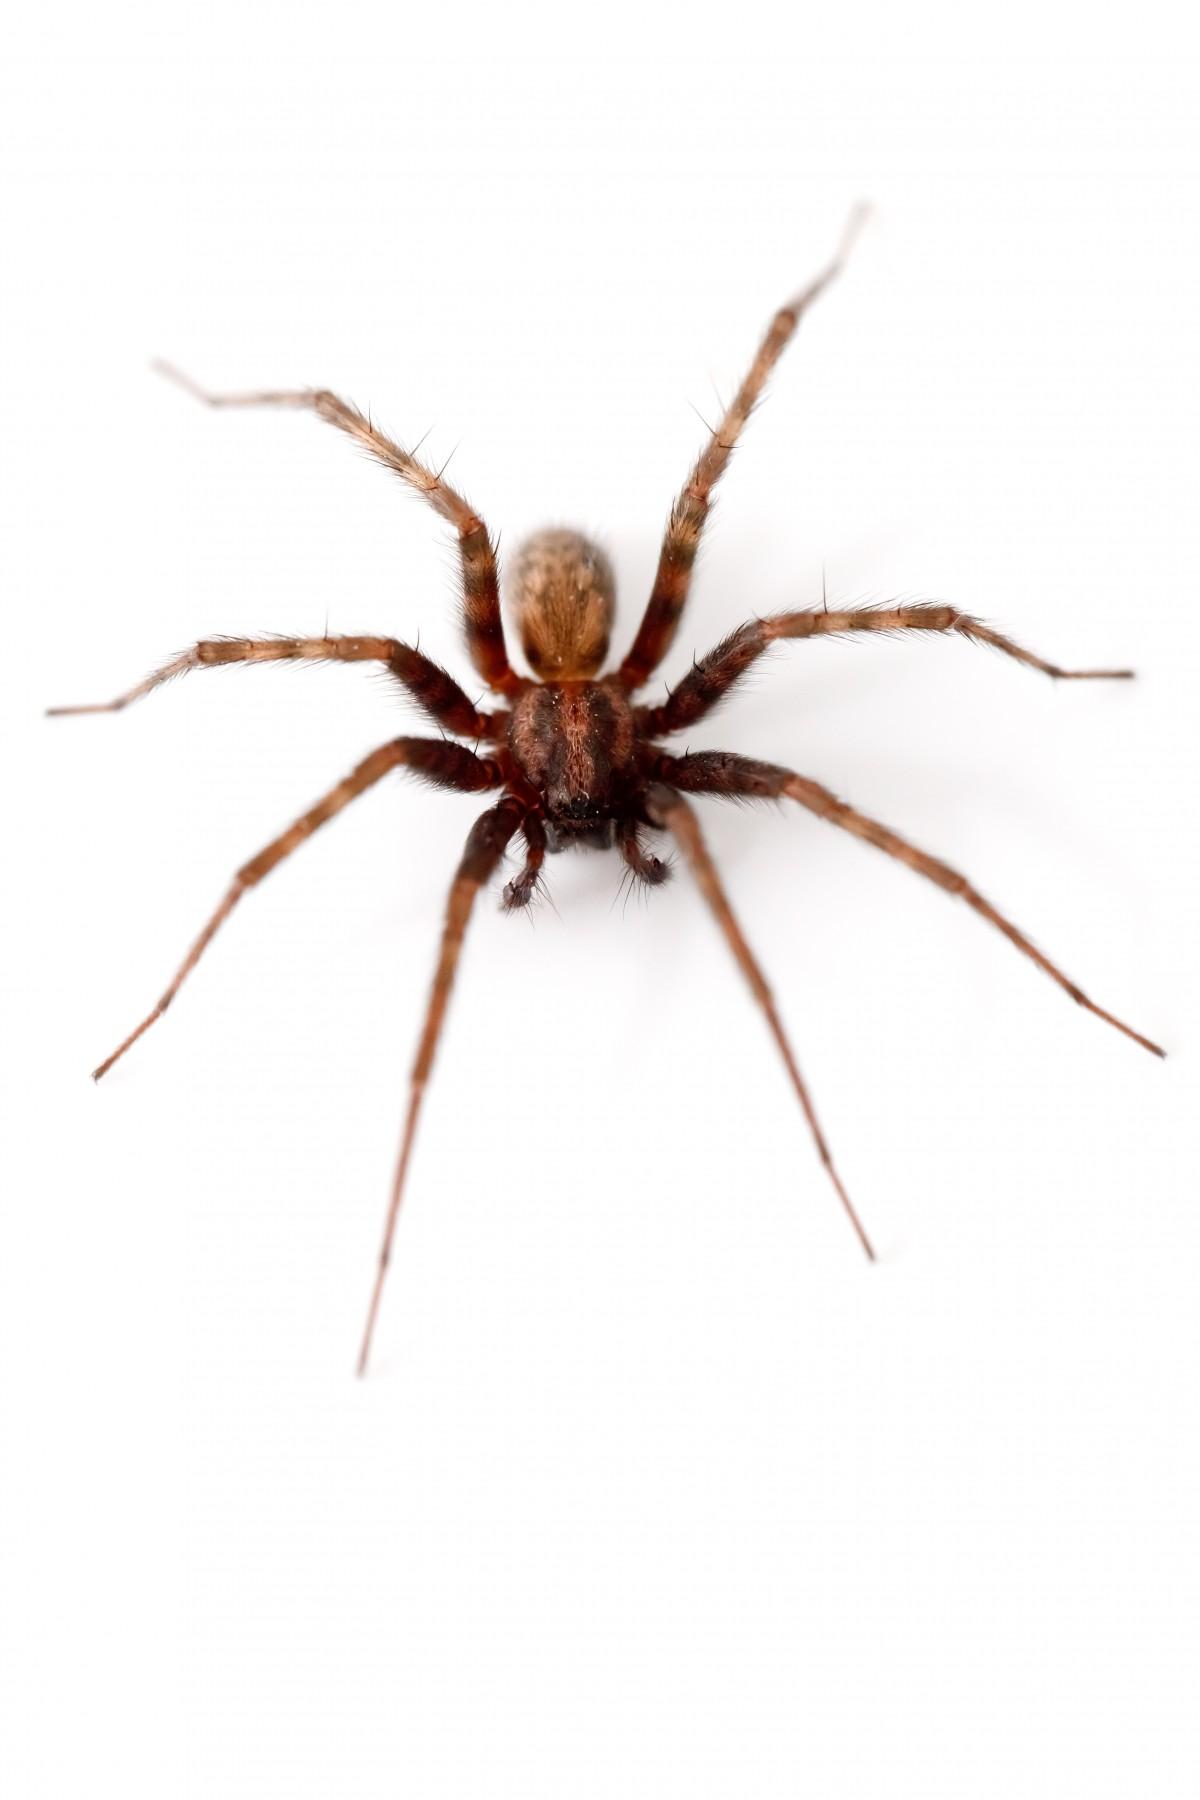 Fotos de aranhas marrom 29